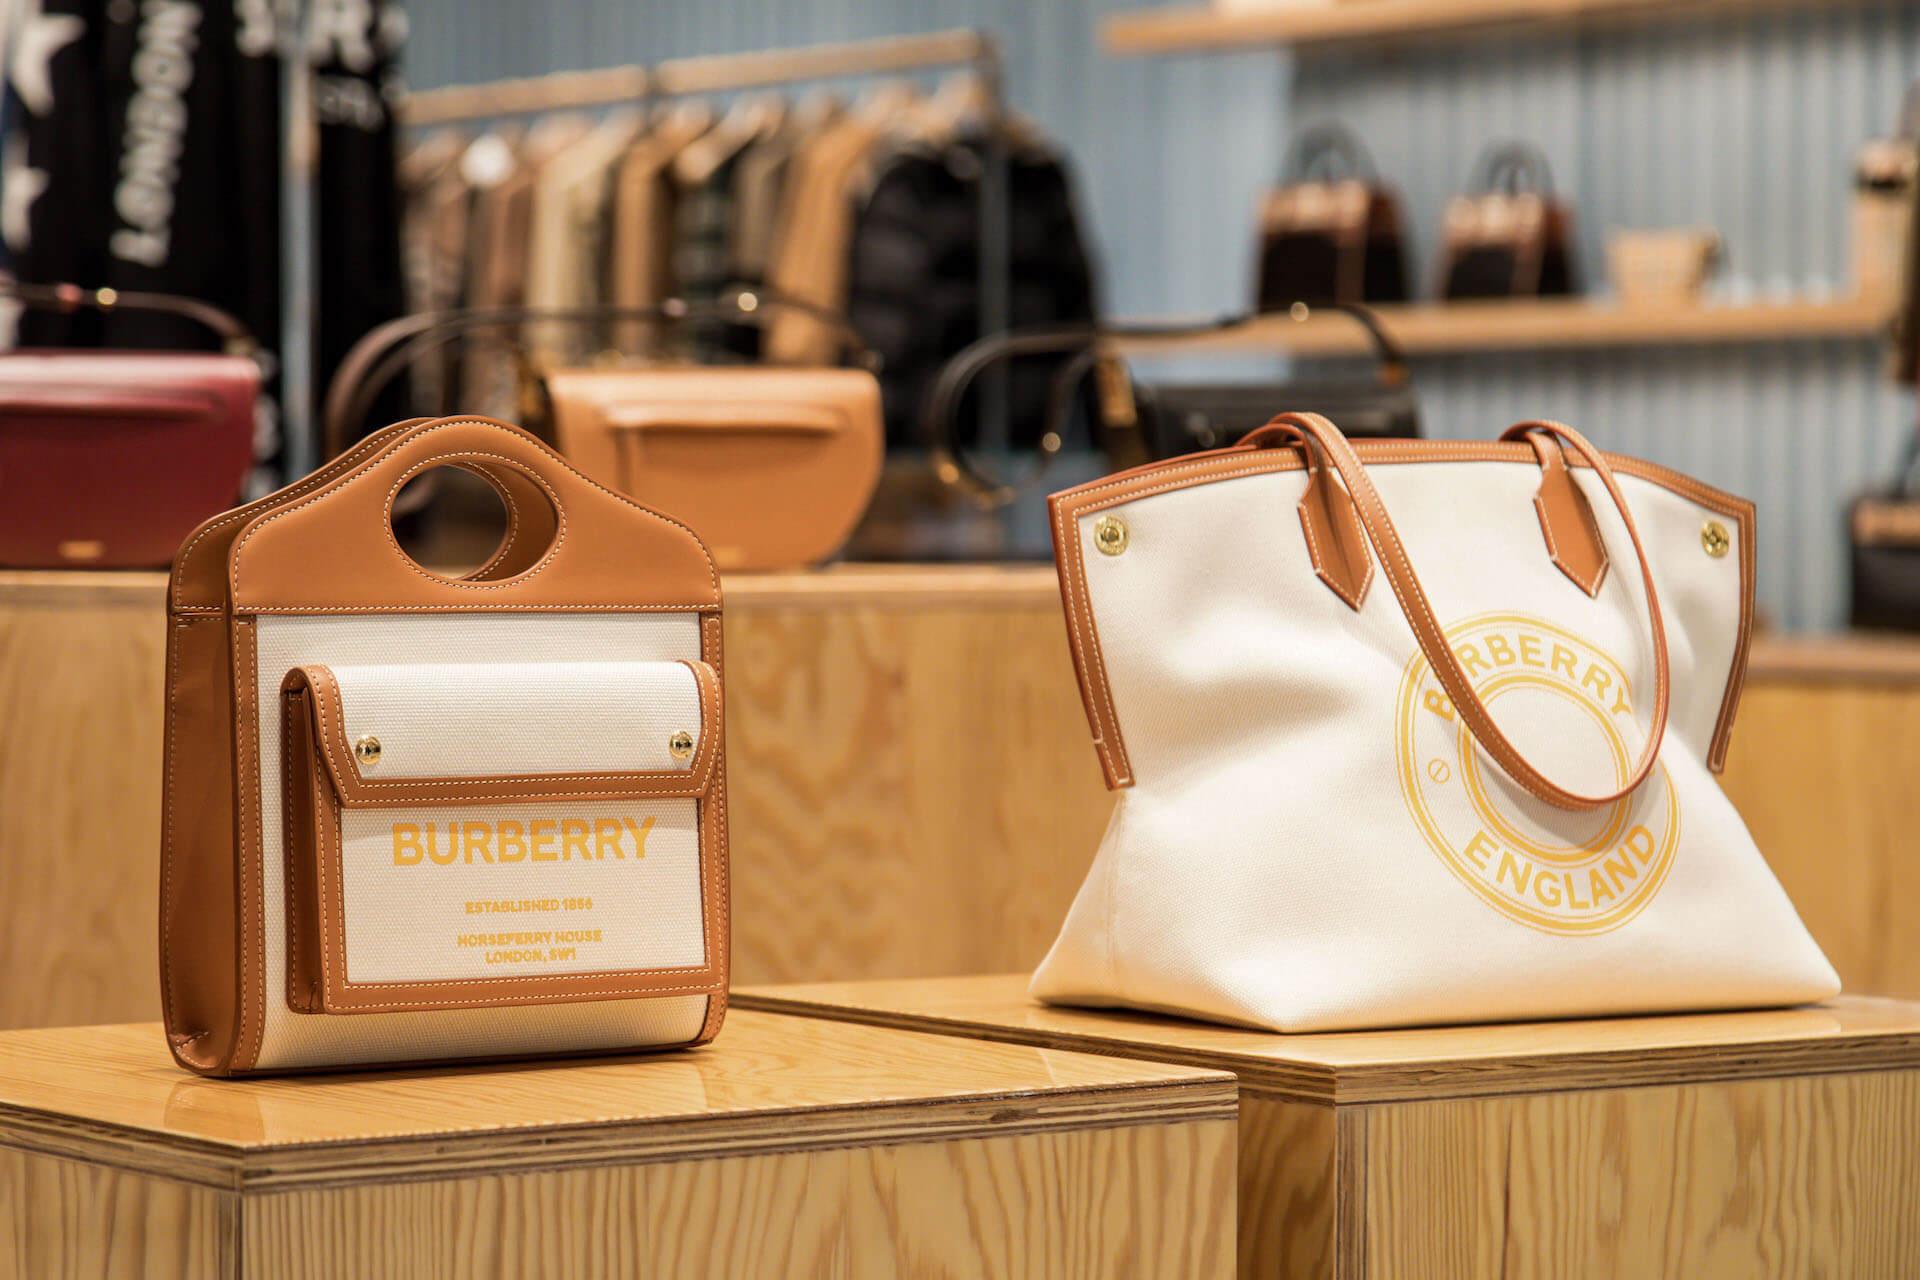 日本初のメンズ&ウィメンズ合同型ストア『バーバリー心斎橋パルコ』が明日オープン!人気キャンバス地バッグの限定カラーも登場 fashion201119_burberry_parco_4